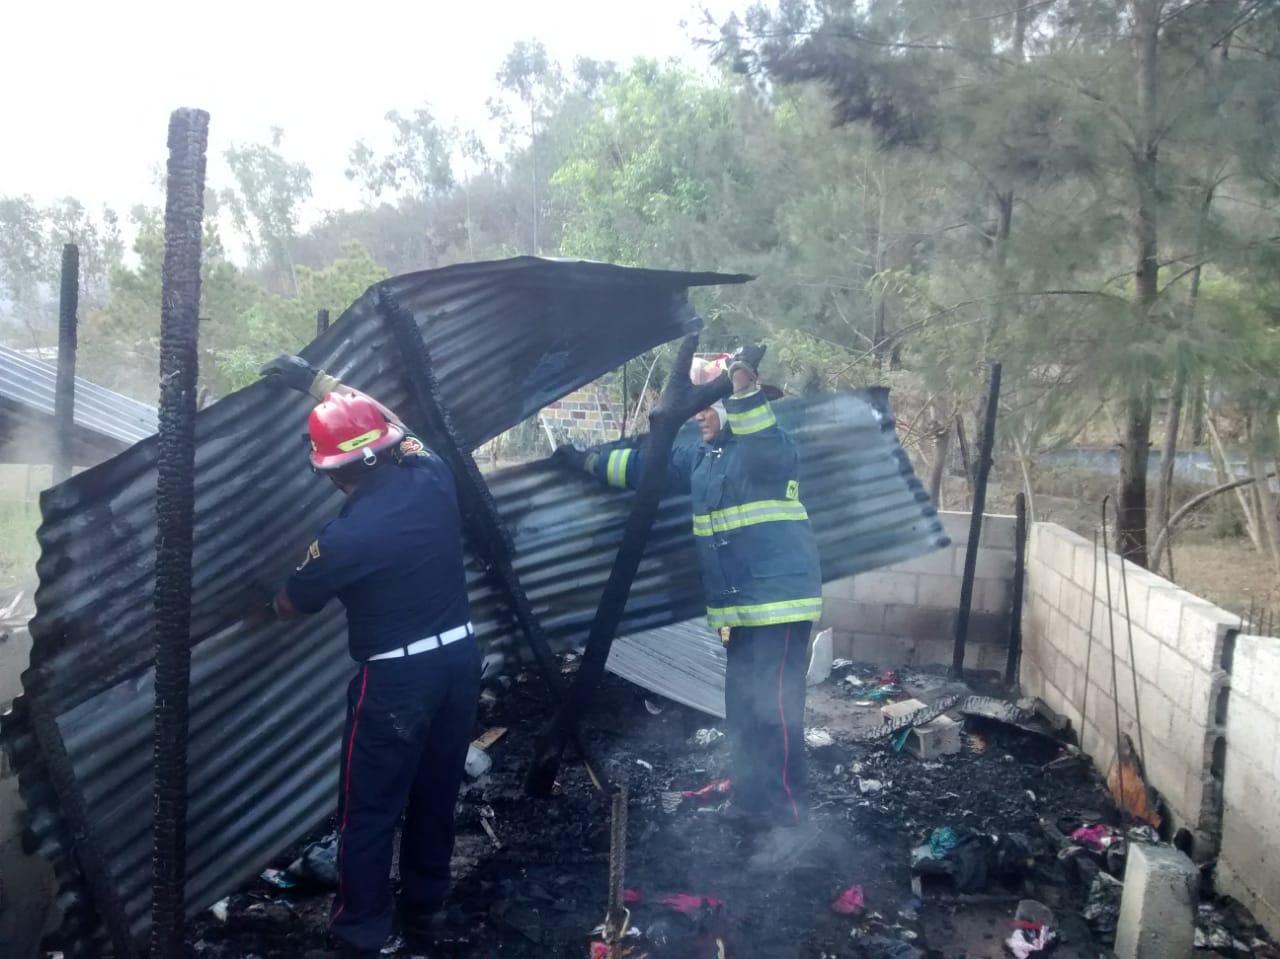 Inmueble se destruyó en incendio. (Foto Prensa Libre: Cortesía)